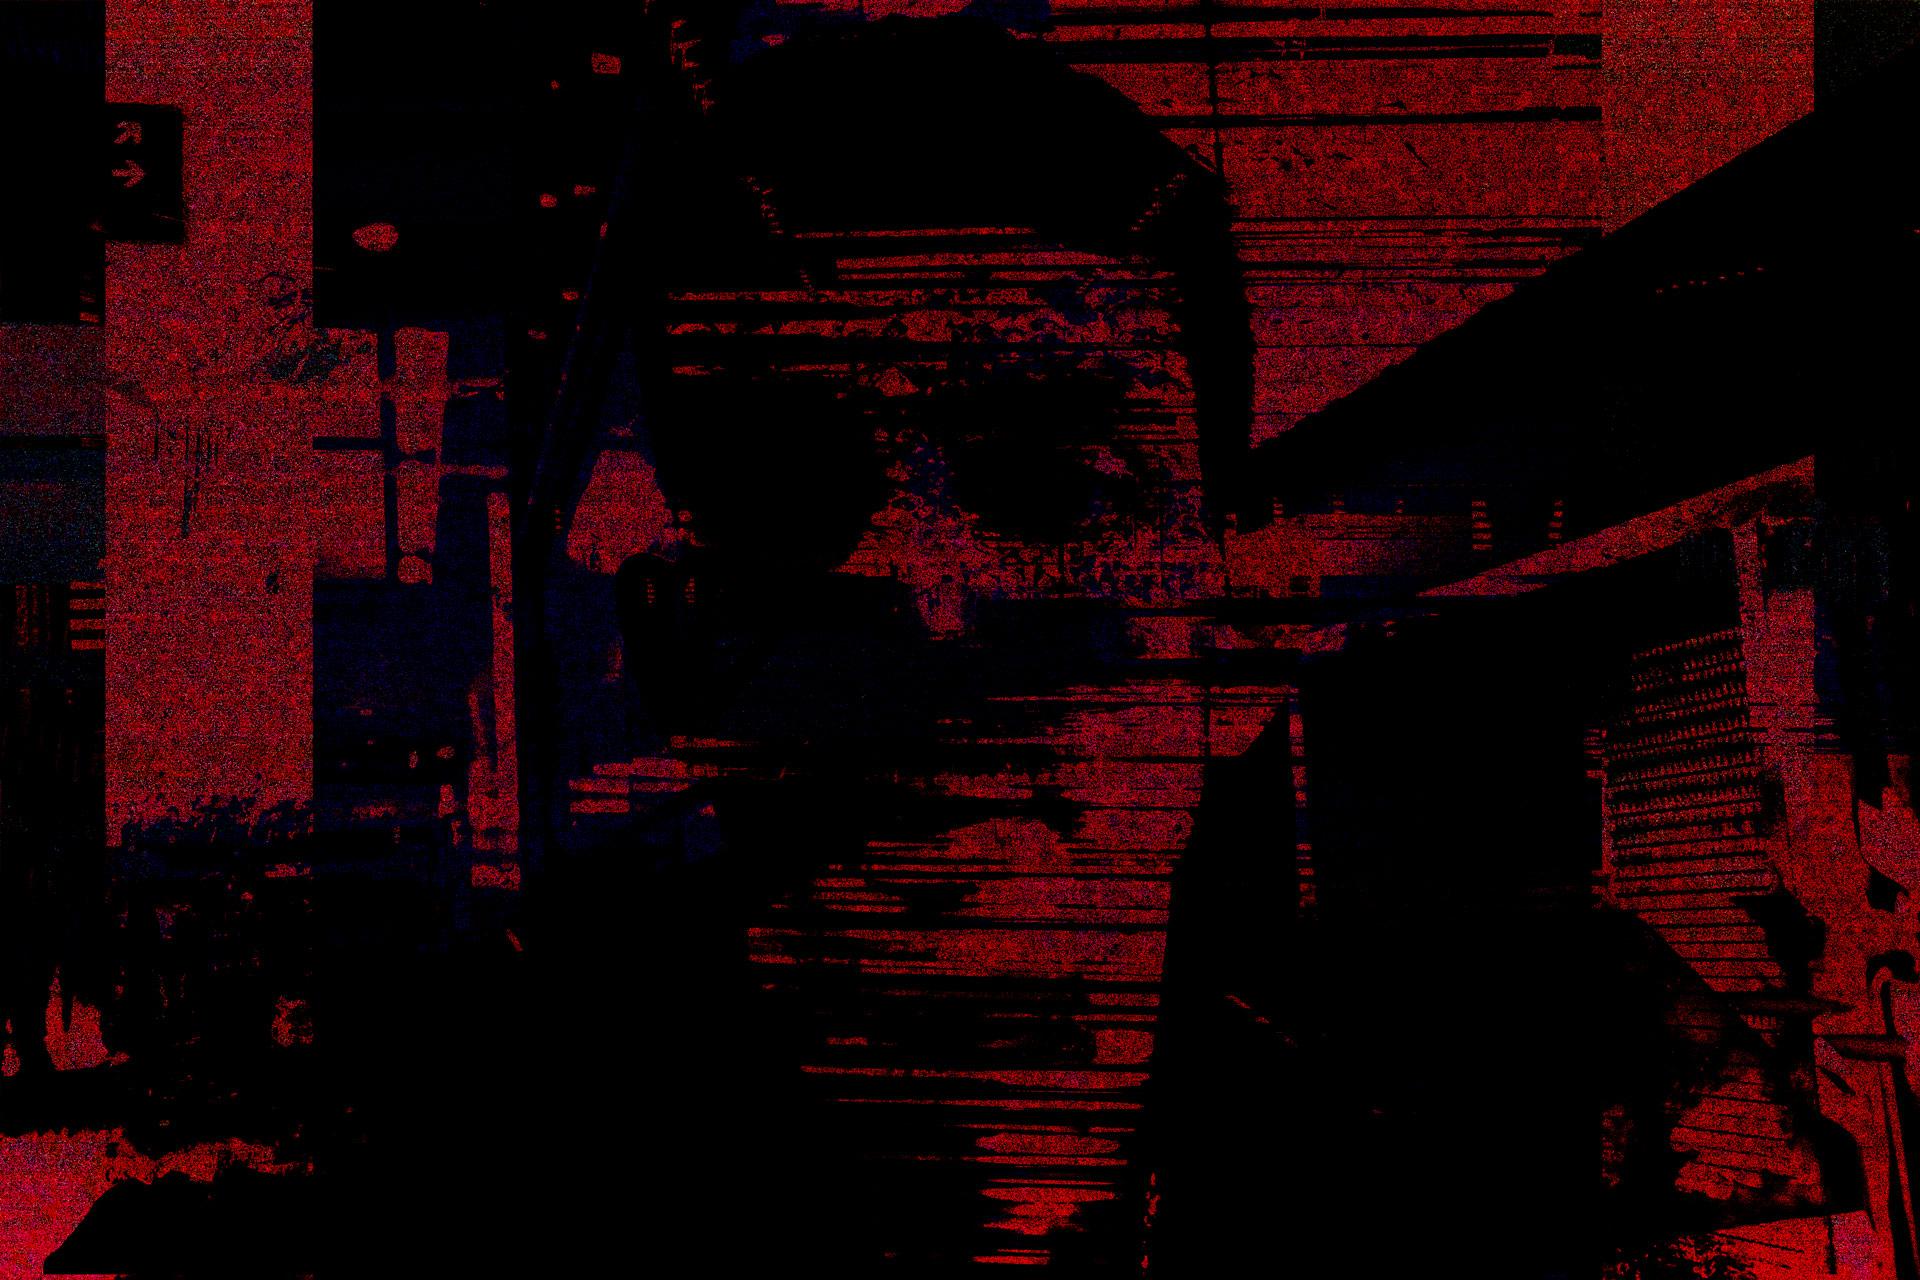 Do-I-Return • 180 x 120 cm (70.86 x 47.24 in)